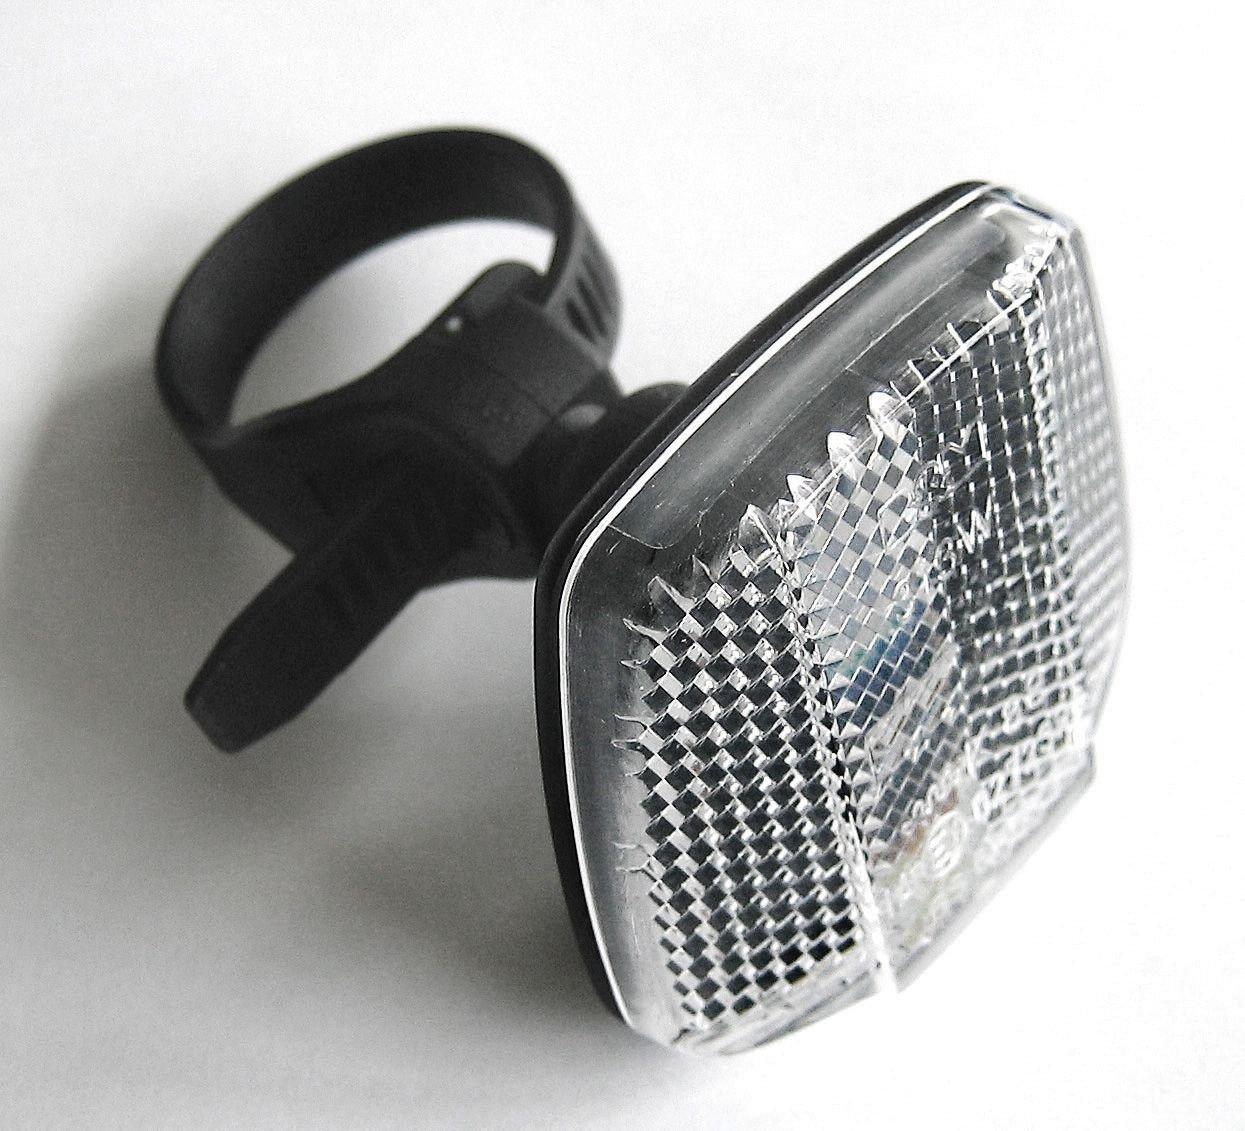 reflektoren/Beleuchtung: Busch & Müller  3135WB Front-Reflektor